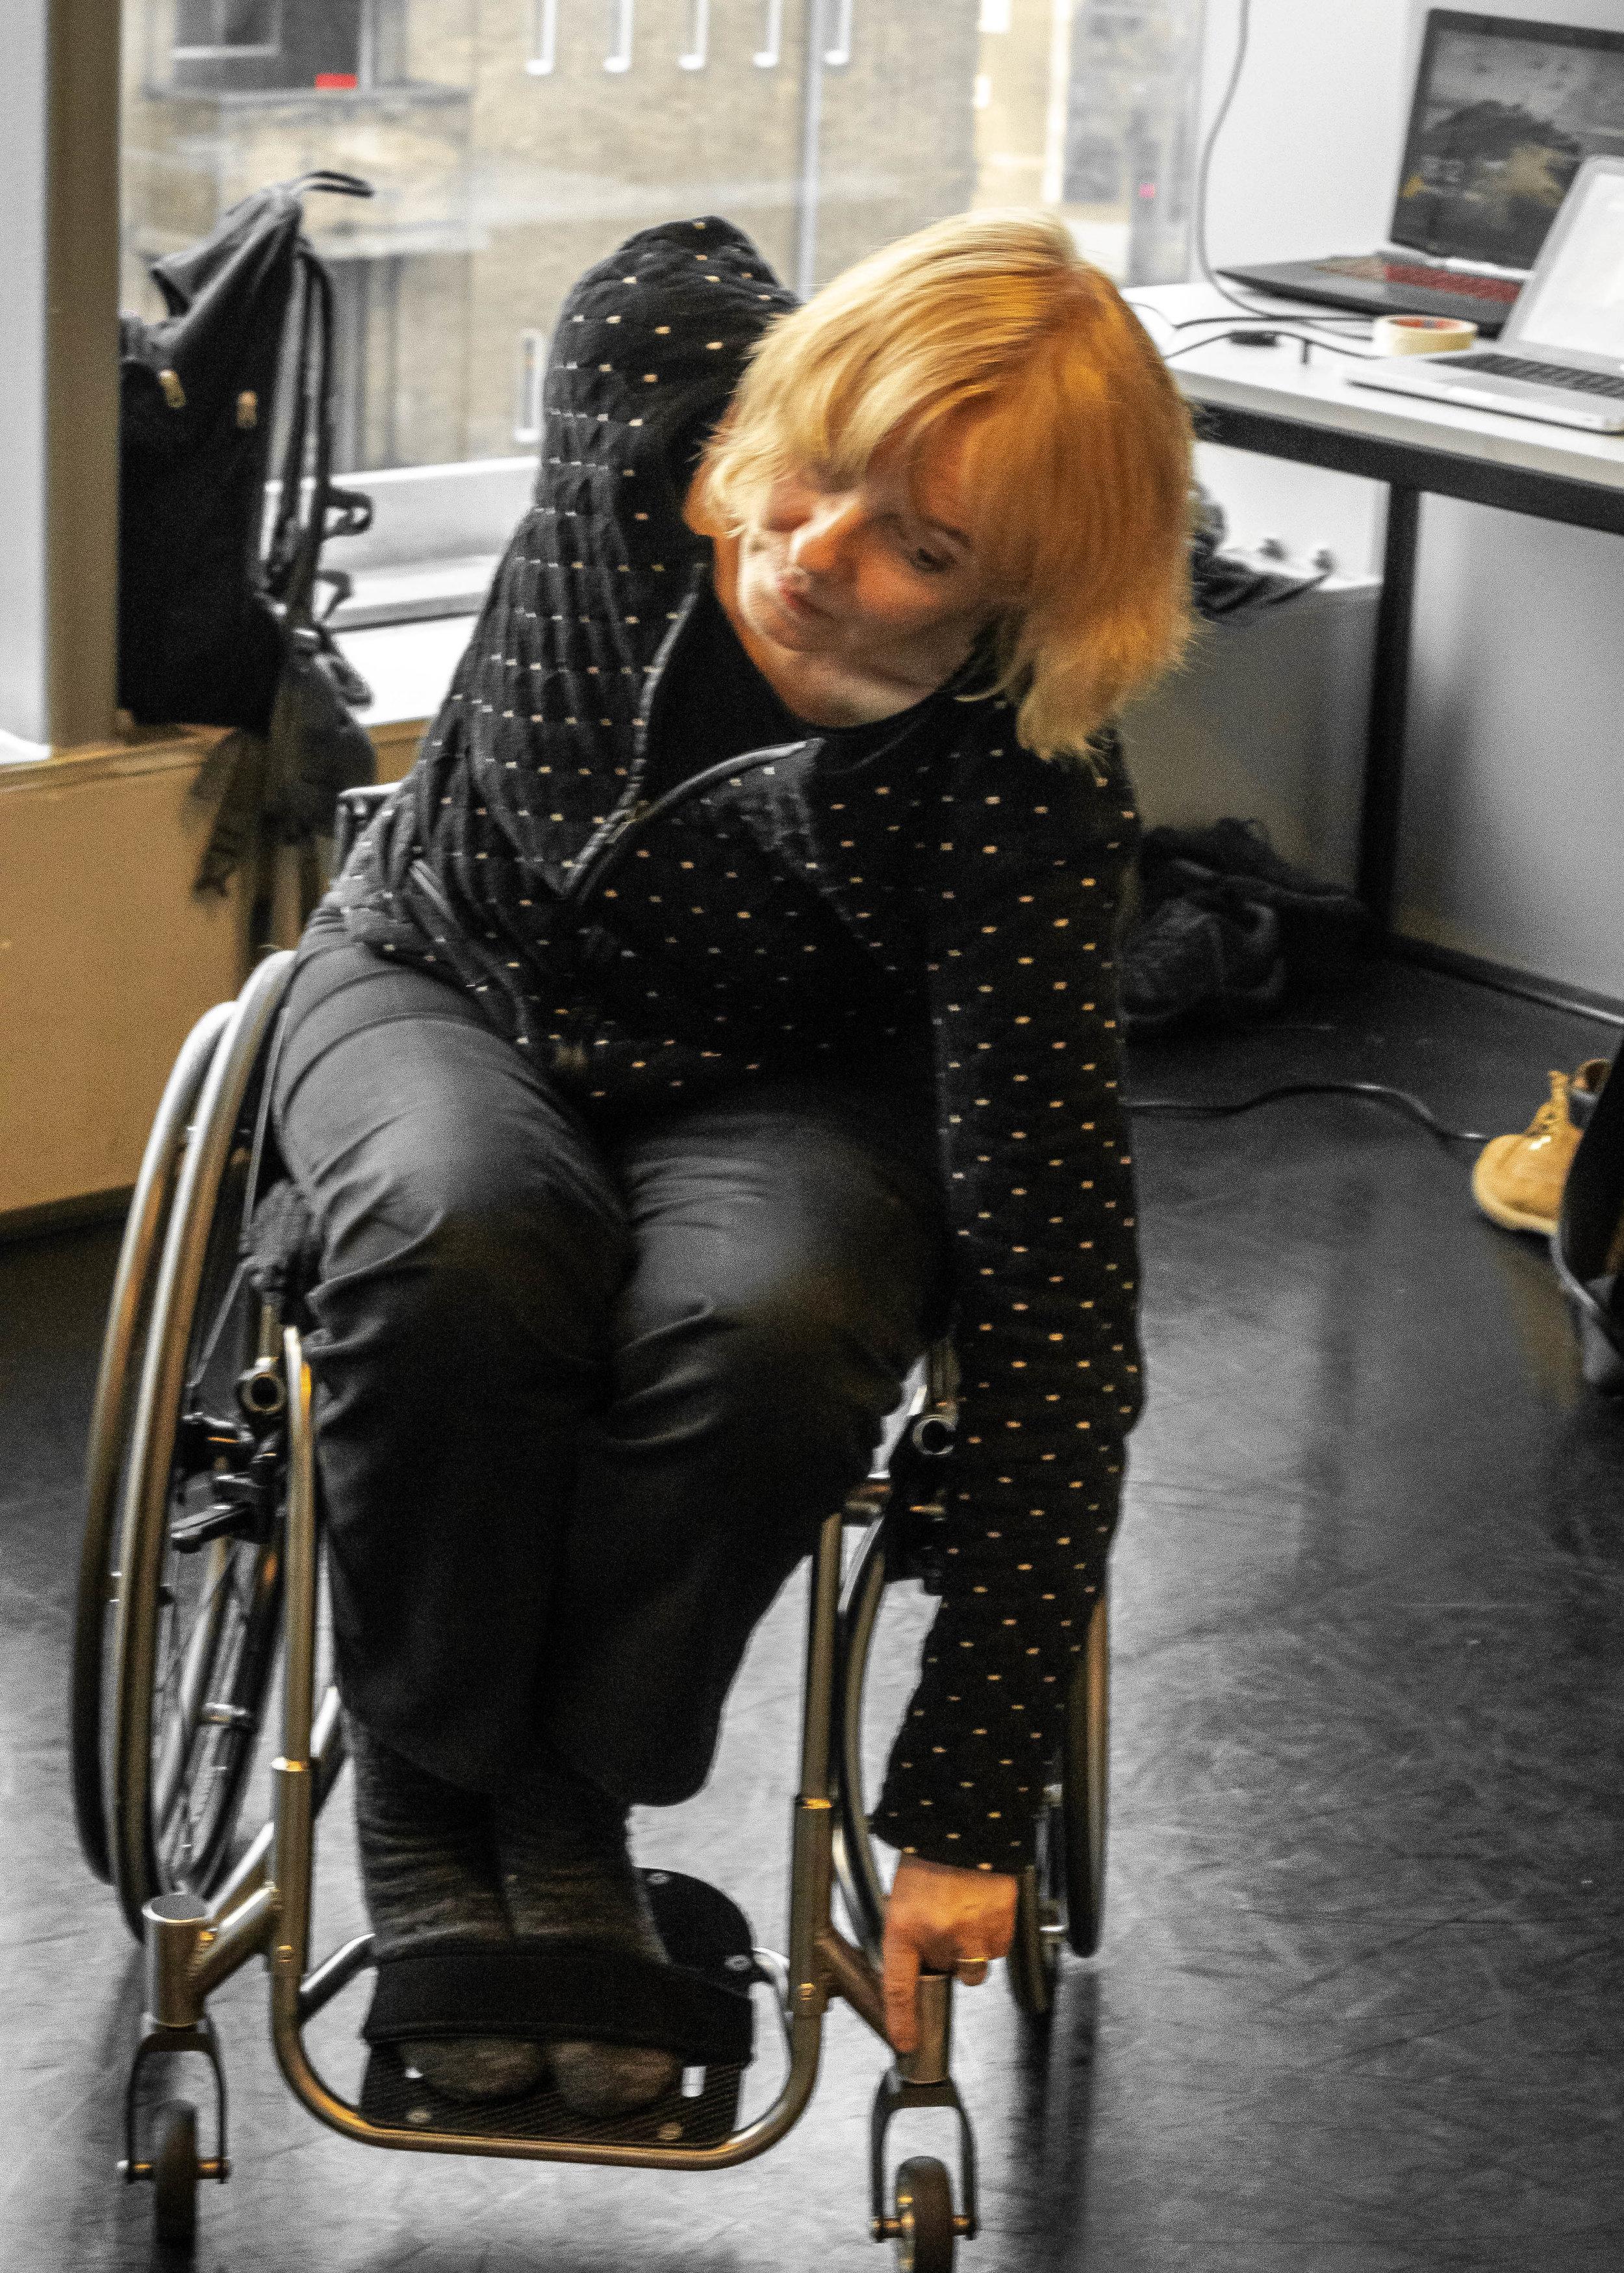 Paulien Meijer-Boss - Onze beschermende ziel, gevoelig, helderhorend en uniek in haar wezen. Ze schrikt niet van uitdagingen, geeft zich volledig over aan haar mede-dansers en creëert daardoor een unieke dynamiek in haar dans.